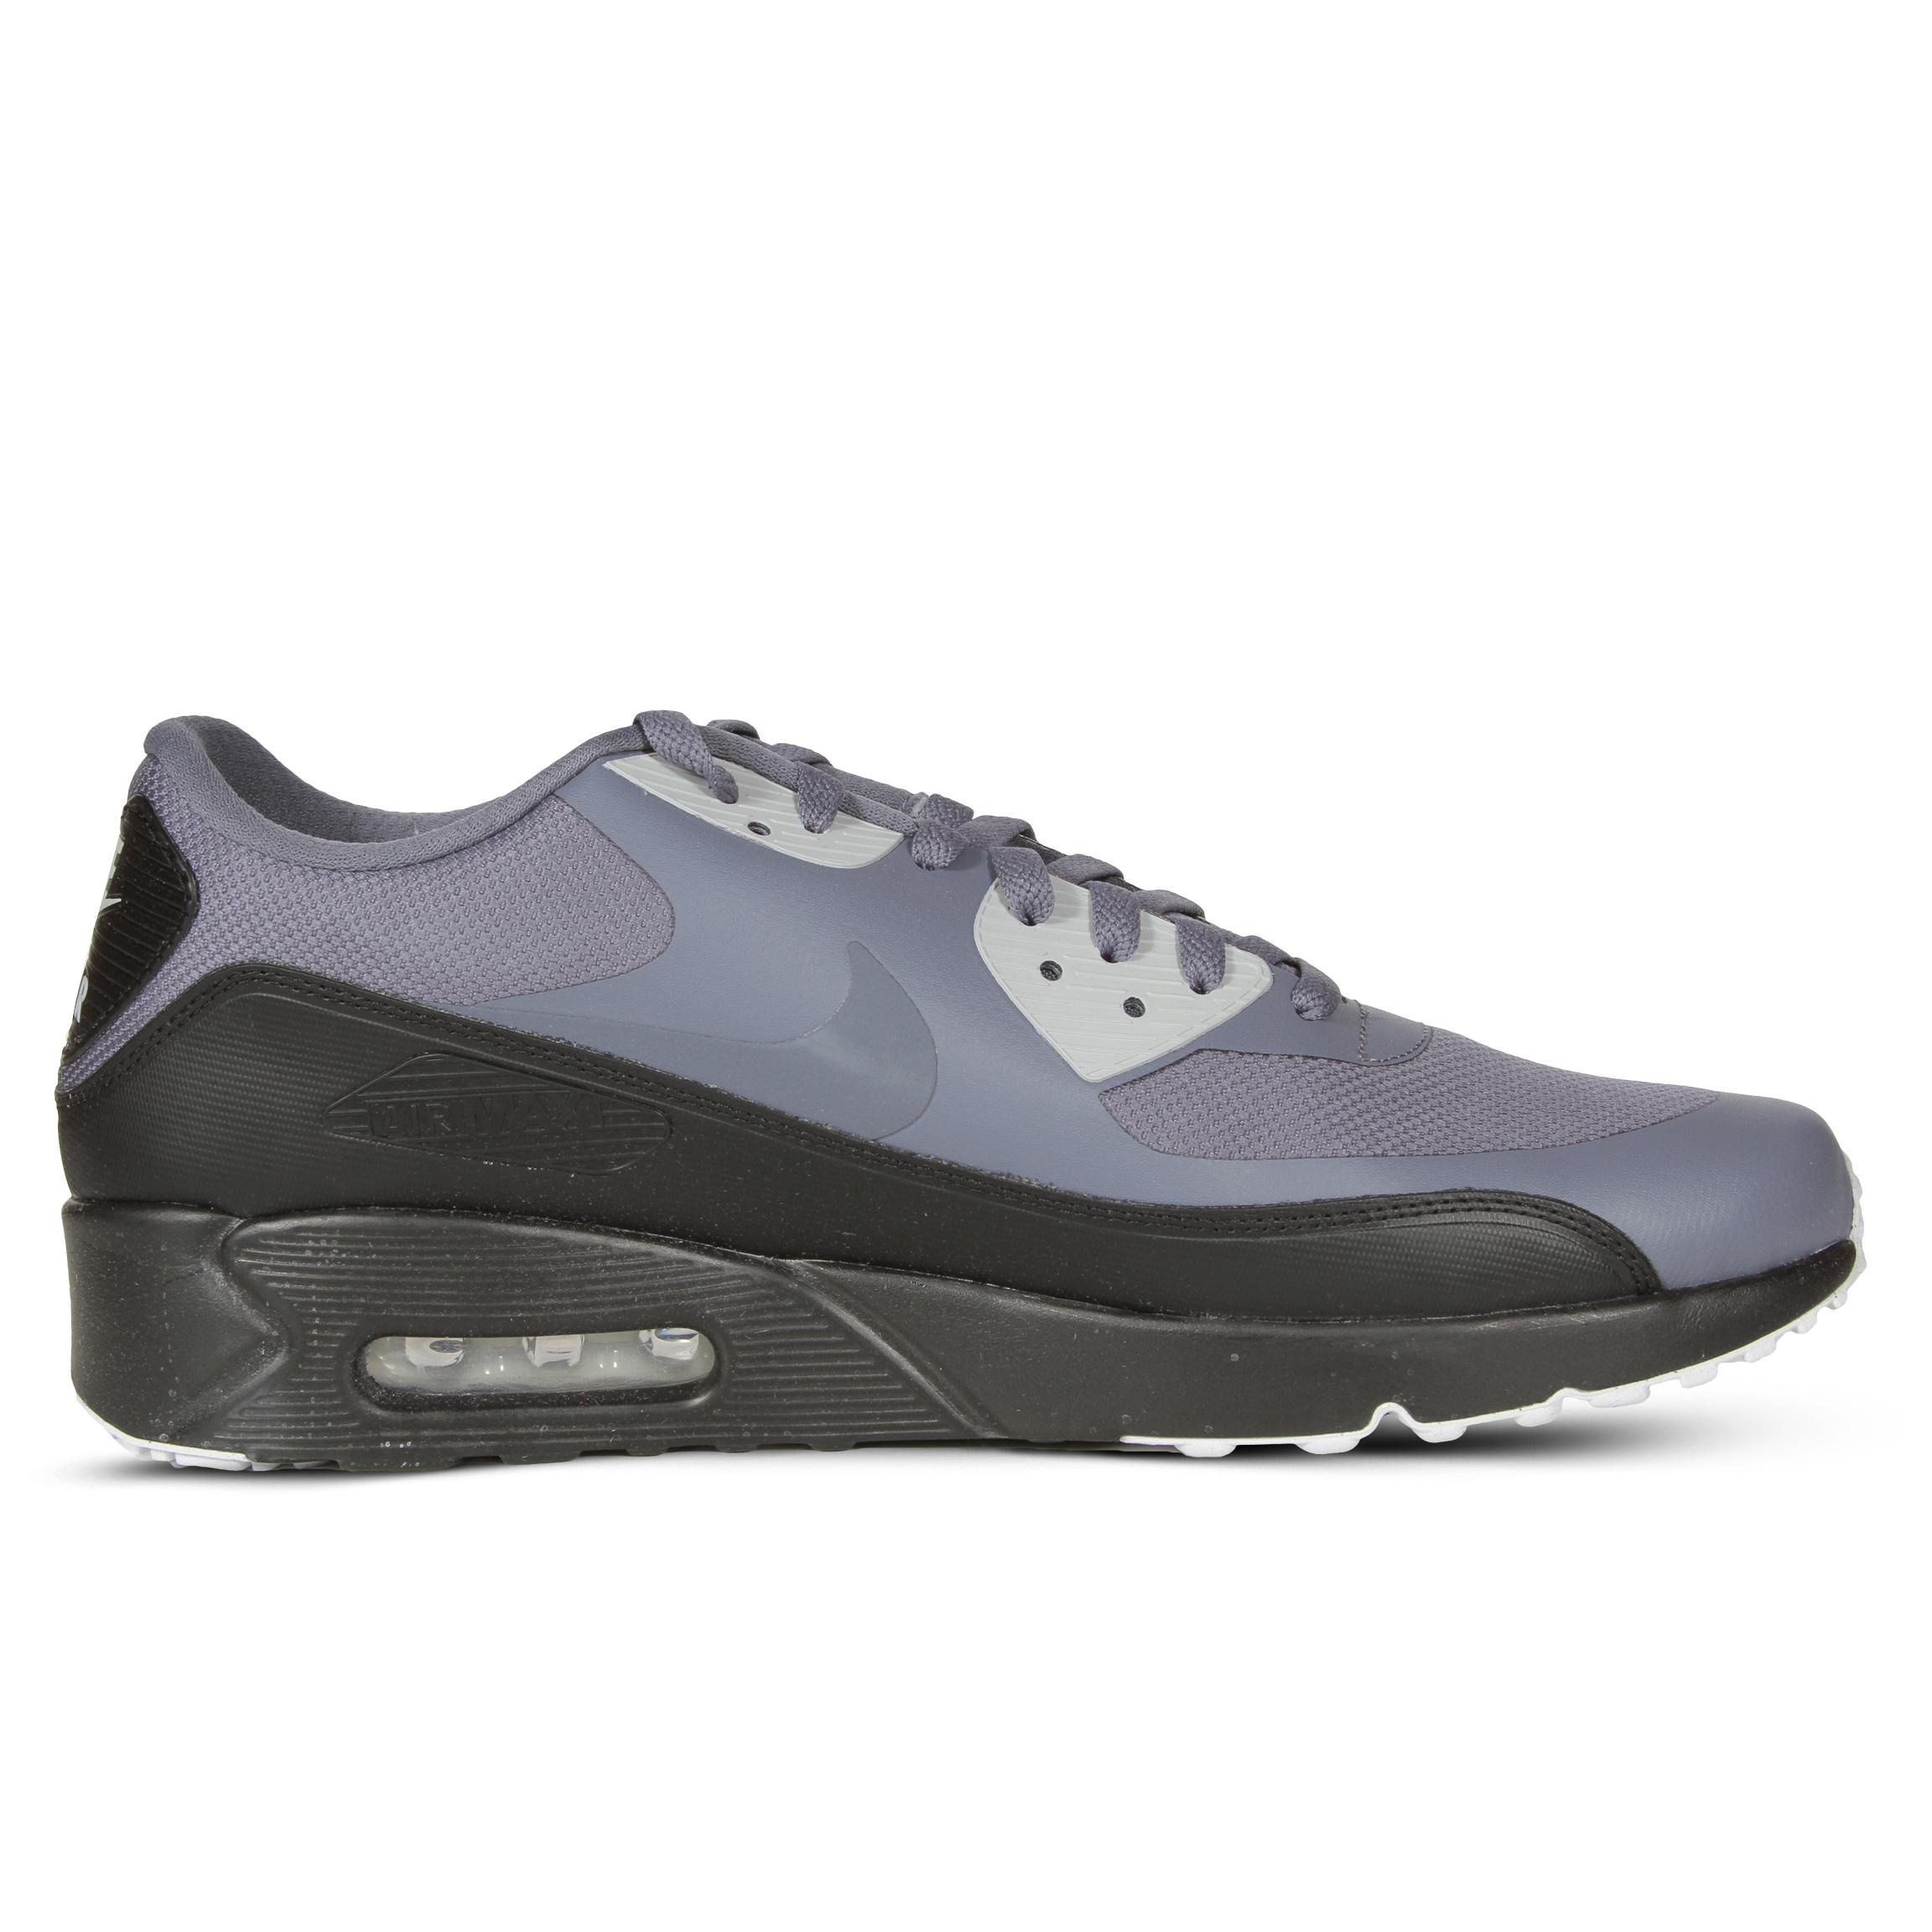 nike air max 90 ultra mens 875695 012 nero di carbonio delle scarpe da corsa